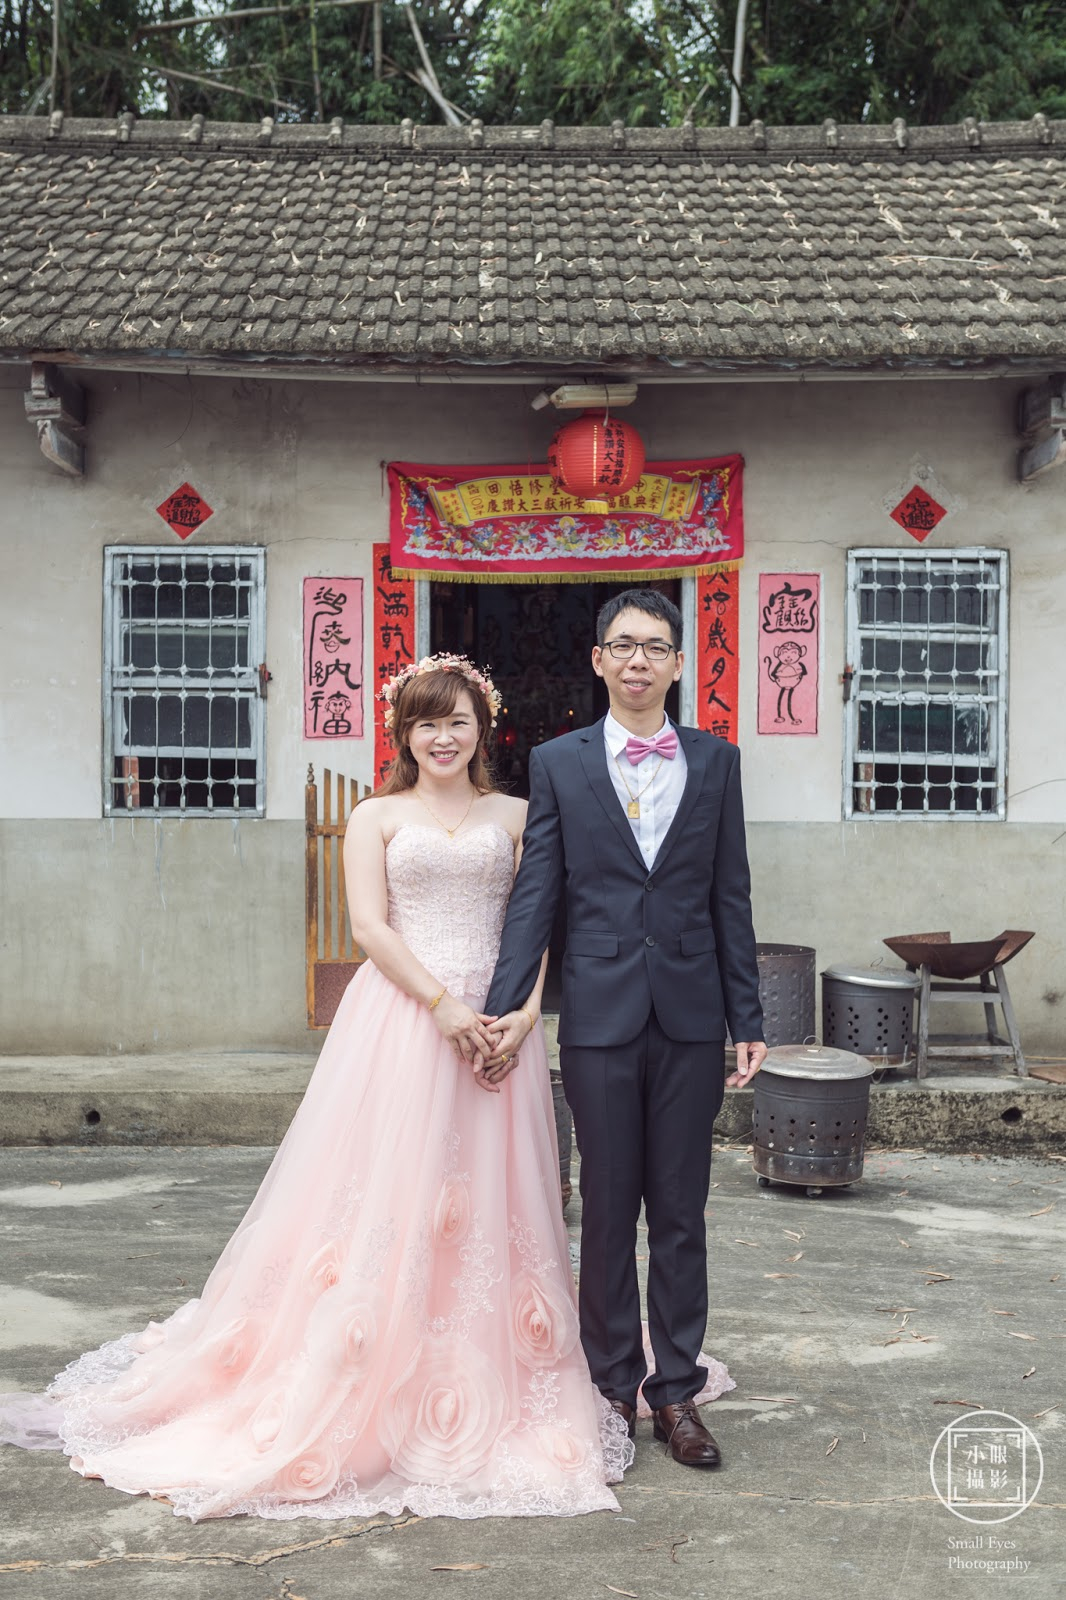 婚攝,小眼攝影,婚禮紀實,婚禮紀錄,婚紗,國內婚紗,海外婚紗,寫真,婚攝小眼,孕婦寫真